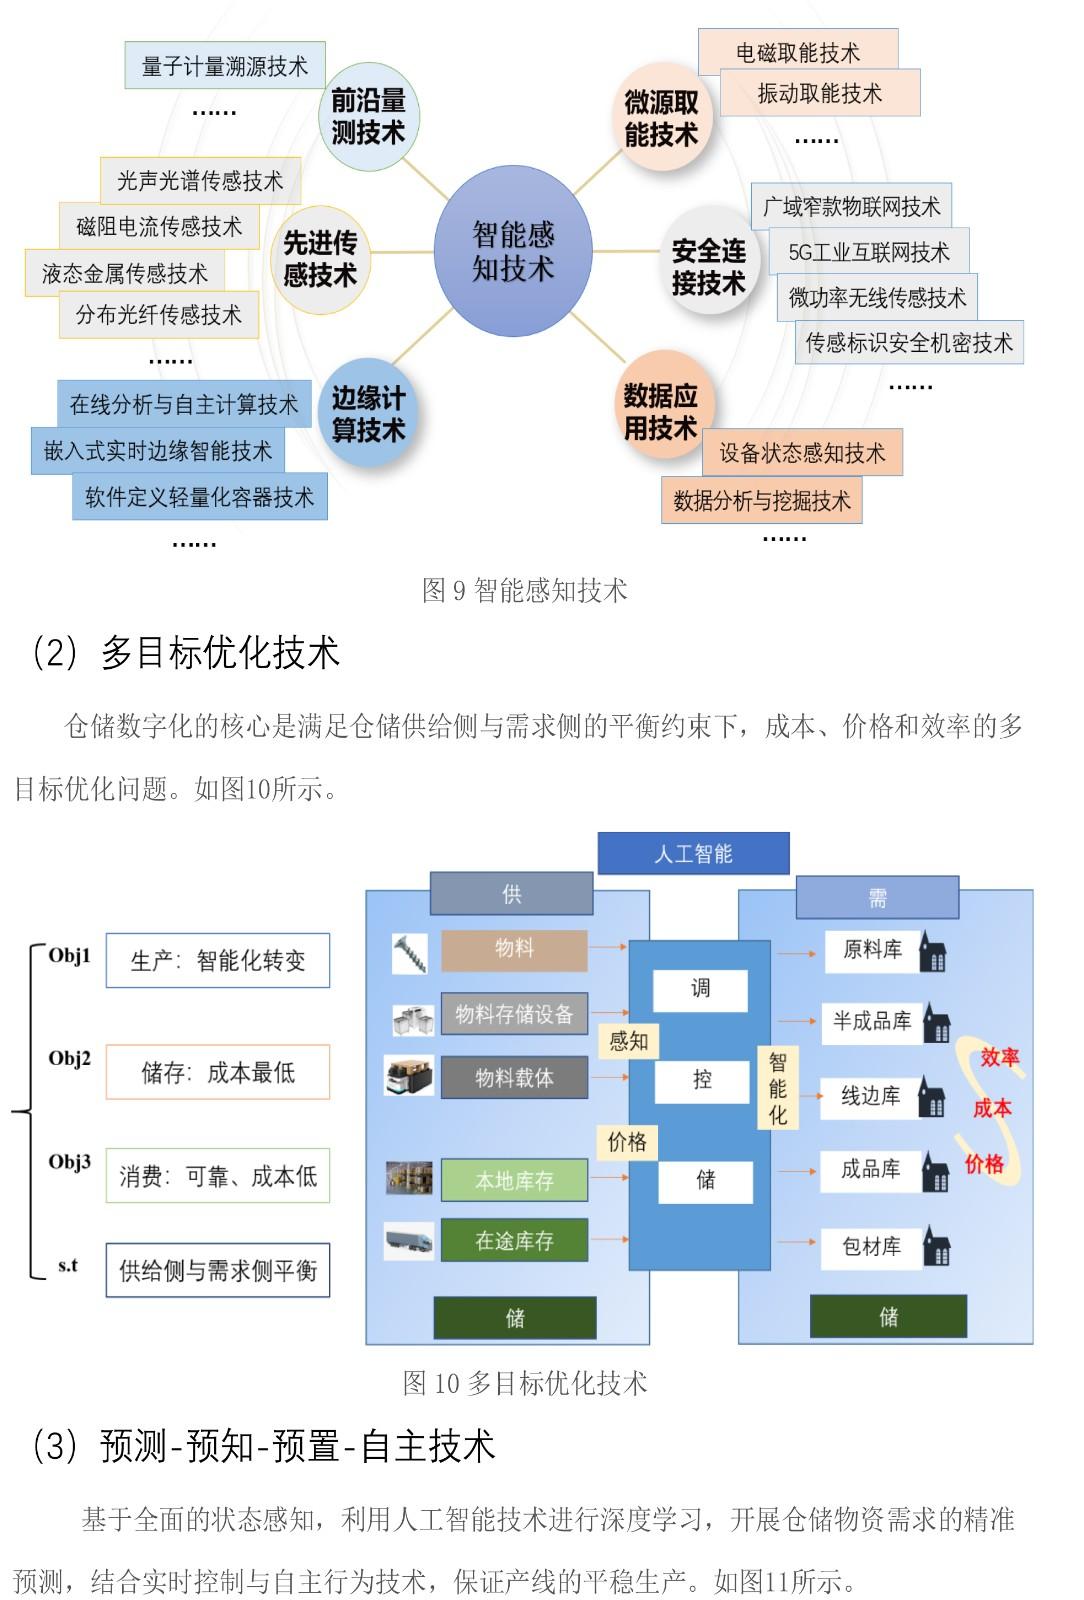 面向智能制造的数字仓储系统解决方案-白皮书V2-9 拷贝.jpg